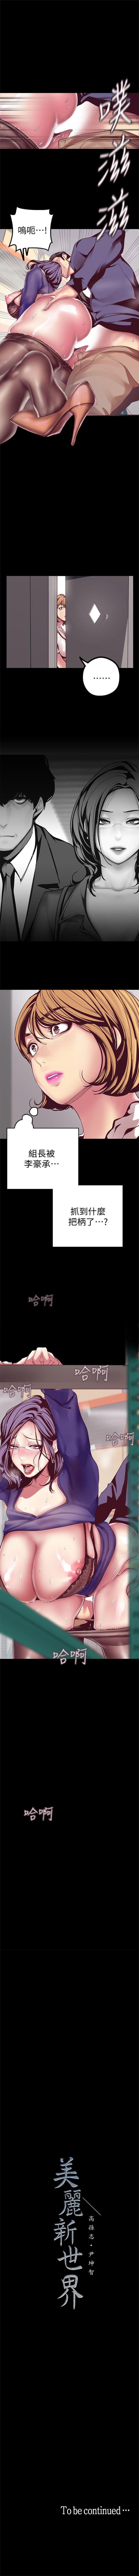 (週1)美麗新世界 1-70 中文翻譯 (更新中) 153